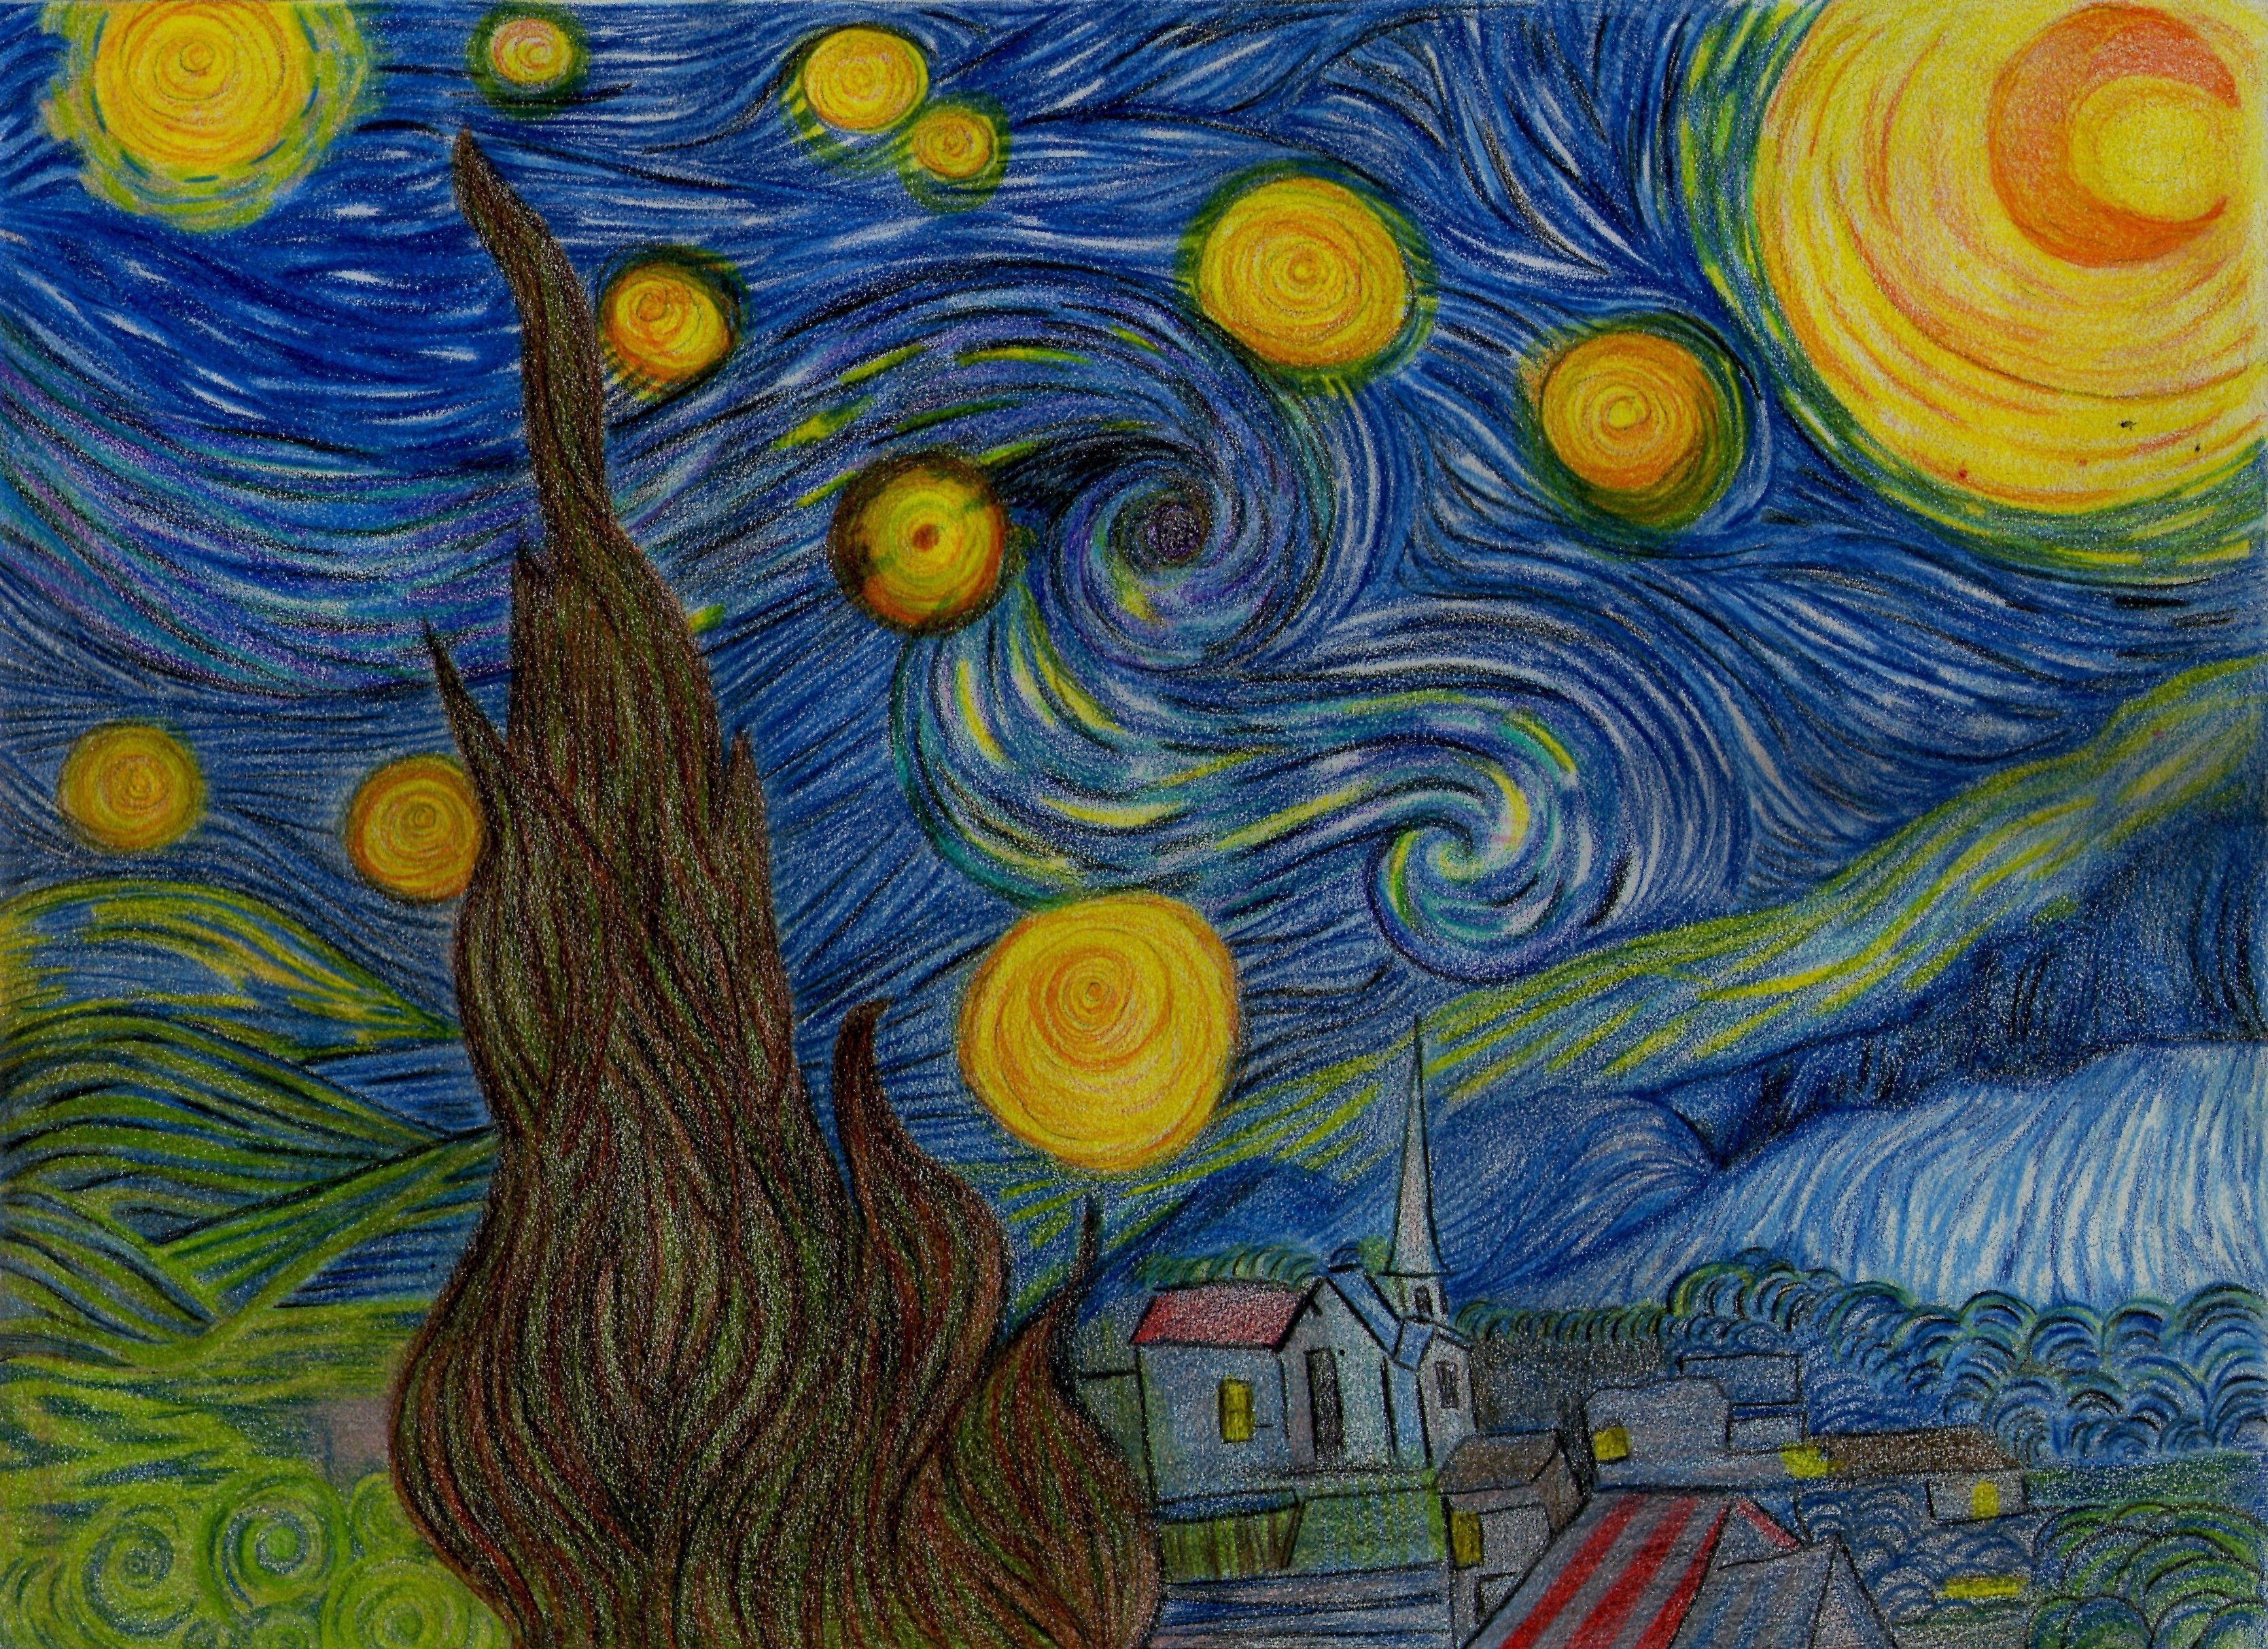 La Noche Estrellada Mi Versión De La Obra De Van Gogh Starry Night Art Artwork